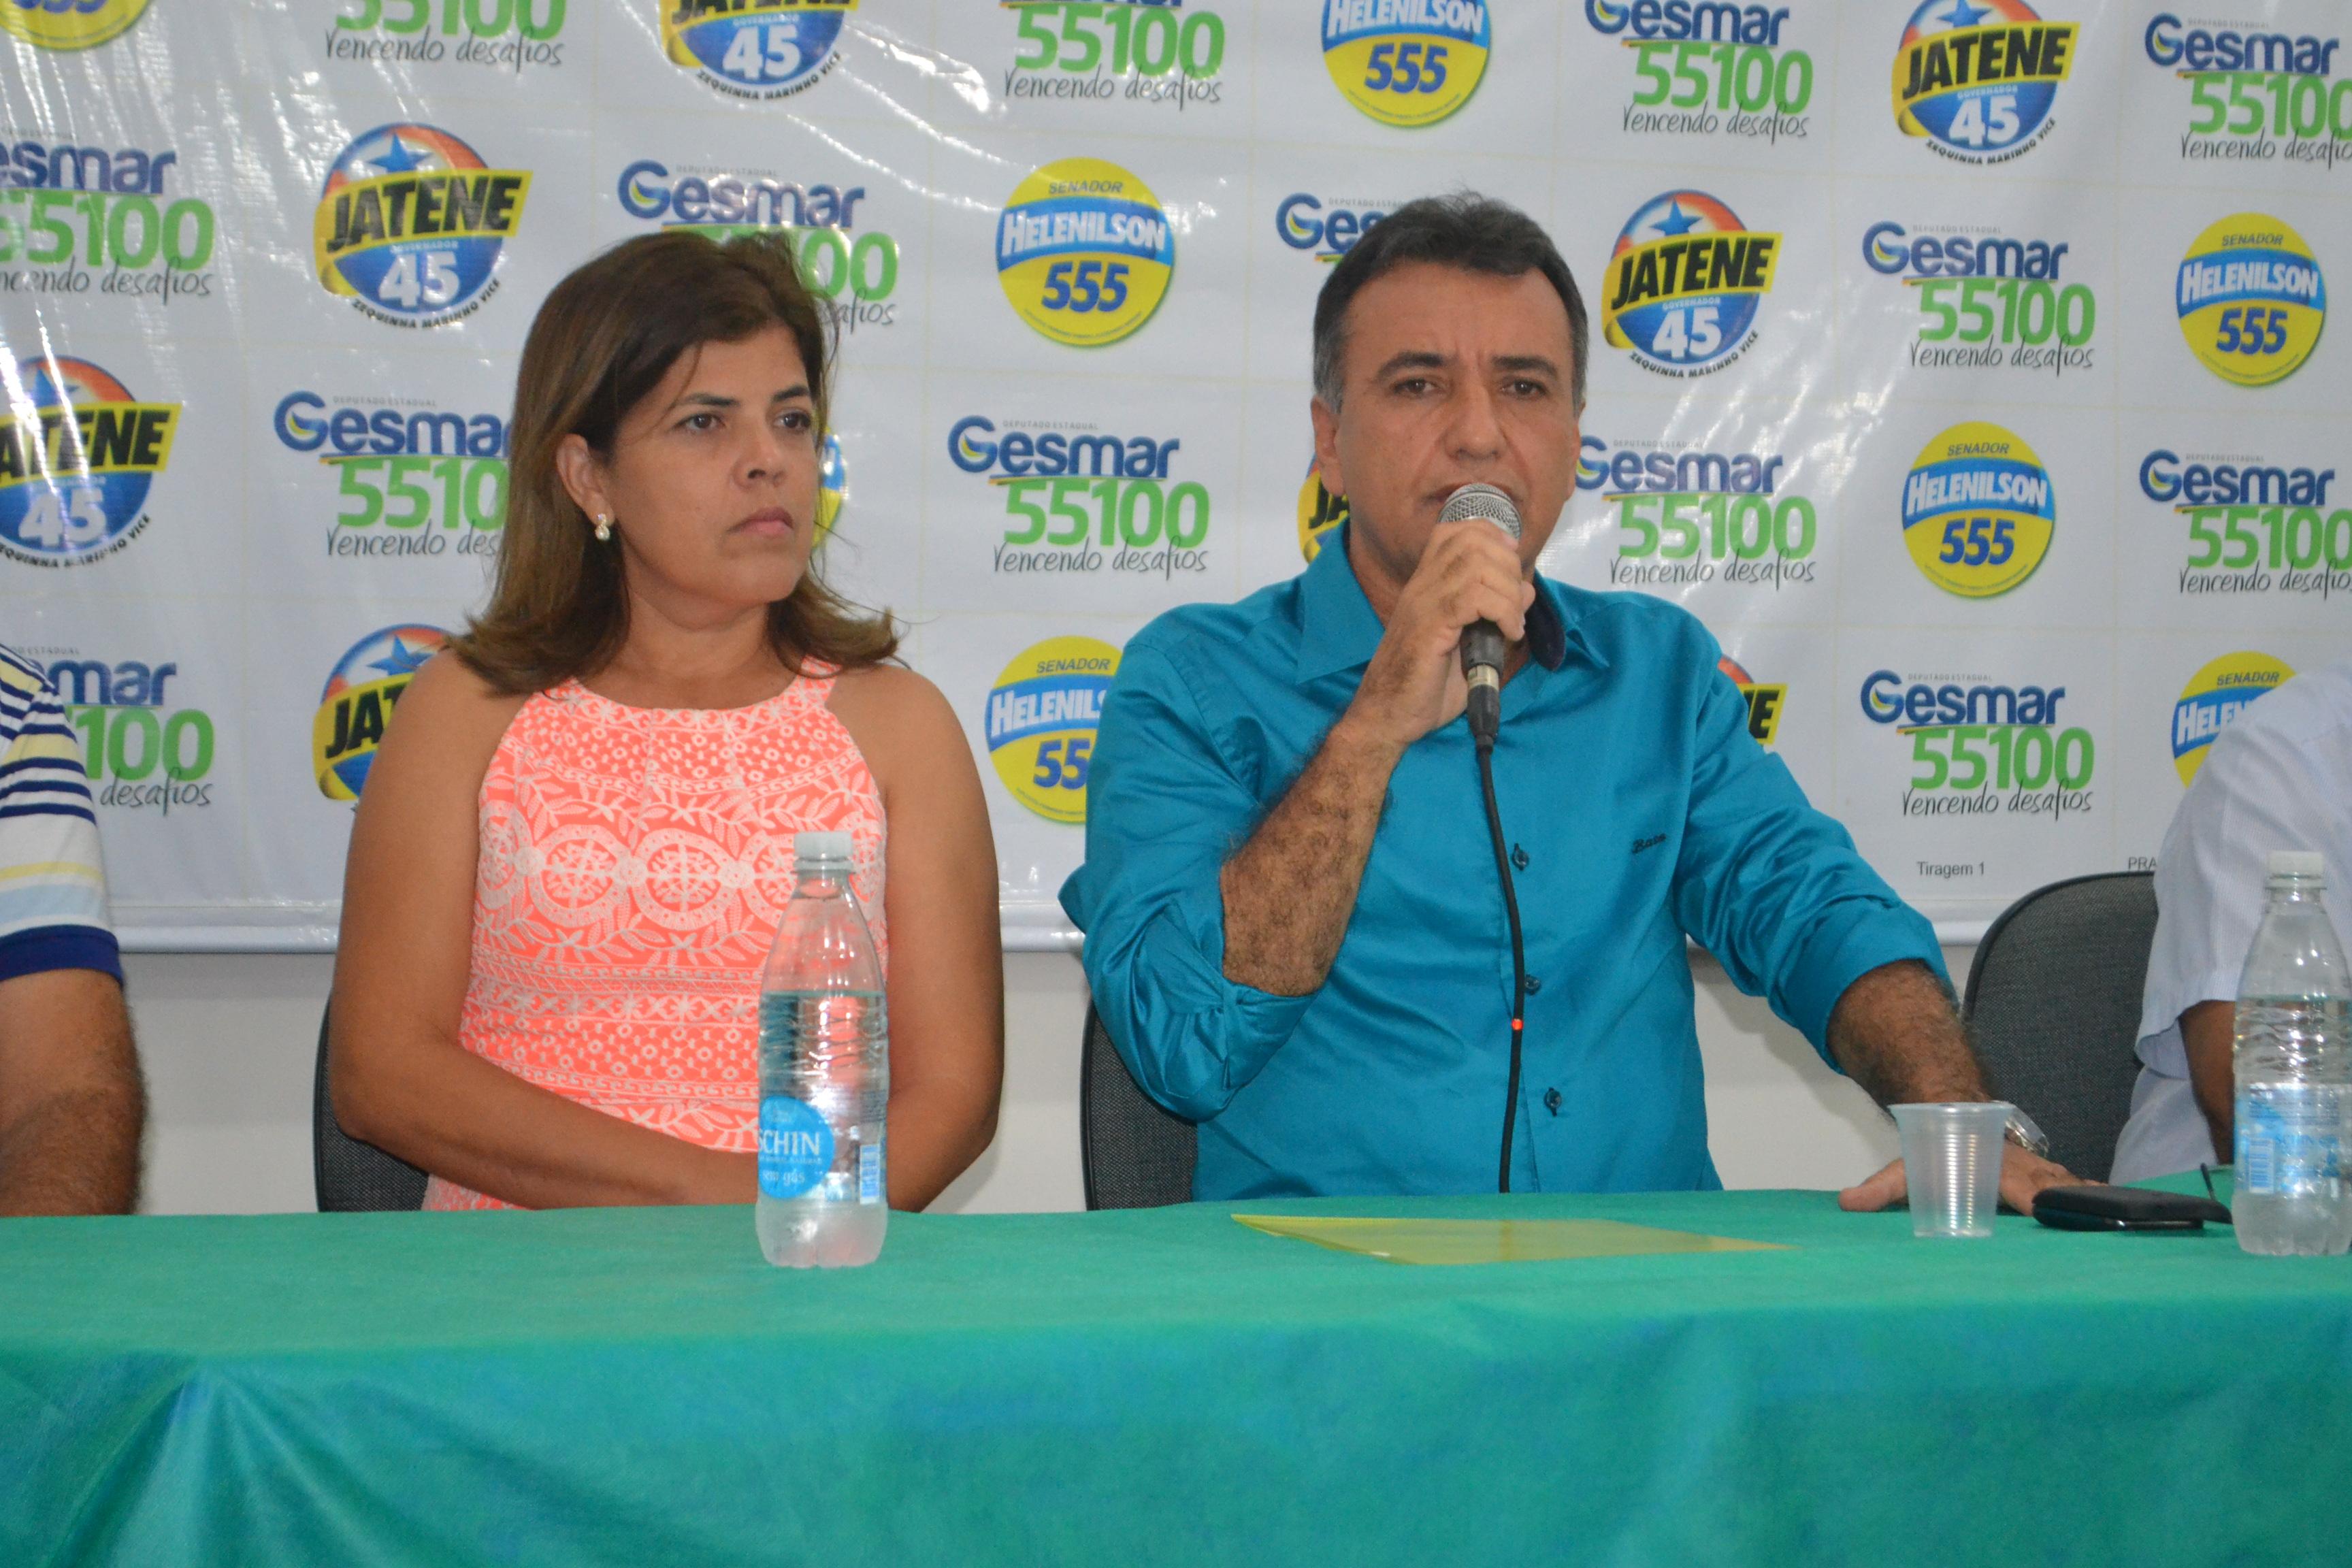 O Partido Social Democrático (PSD) realizou uma entrevista coletiva para apresentar oficialmente à imprensa a candidatura de Gesmar Rosa